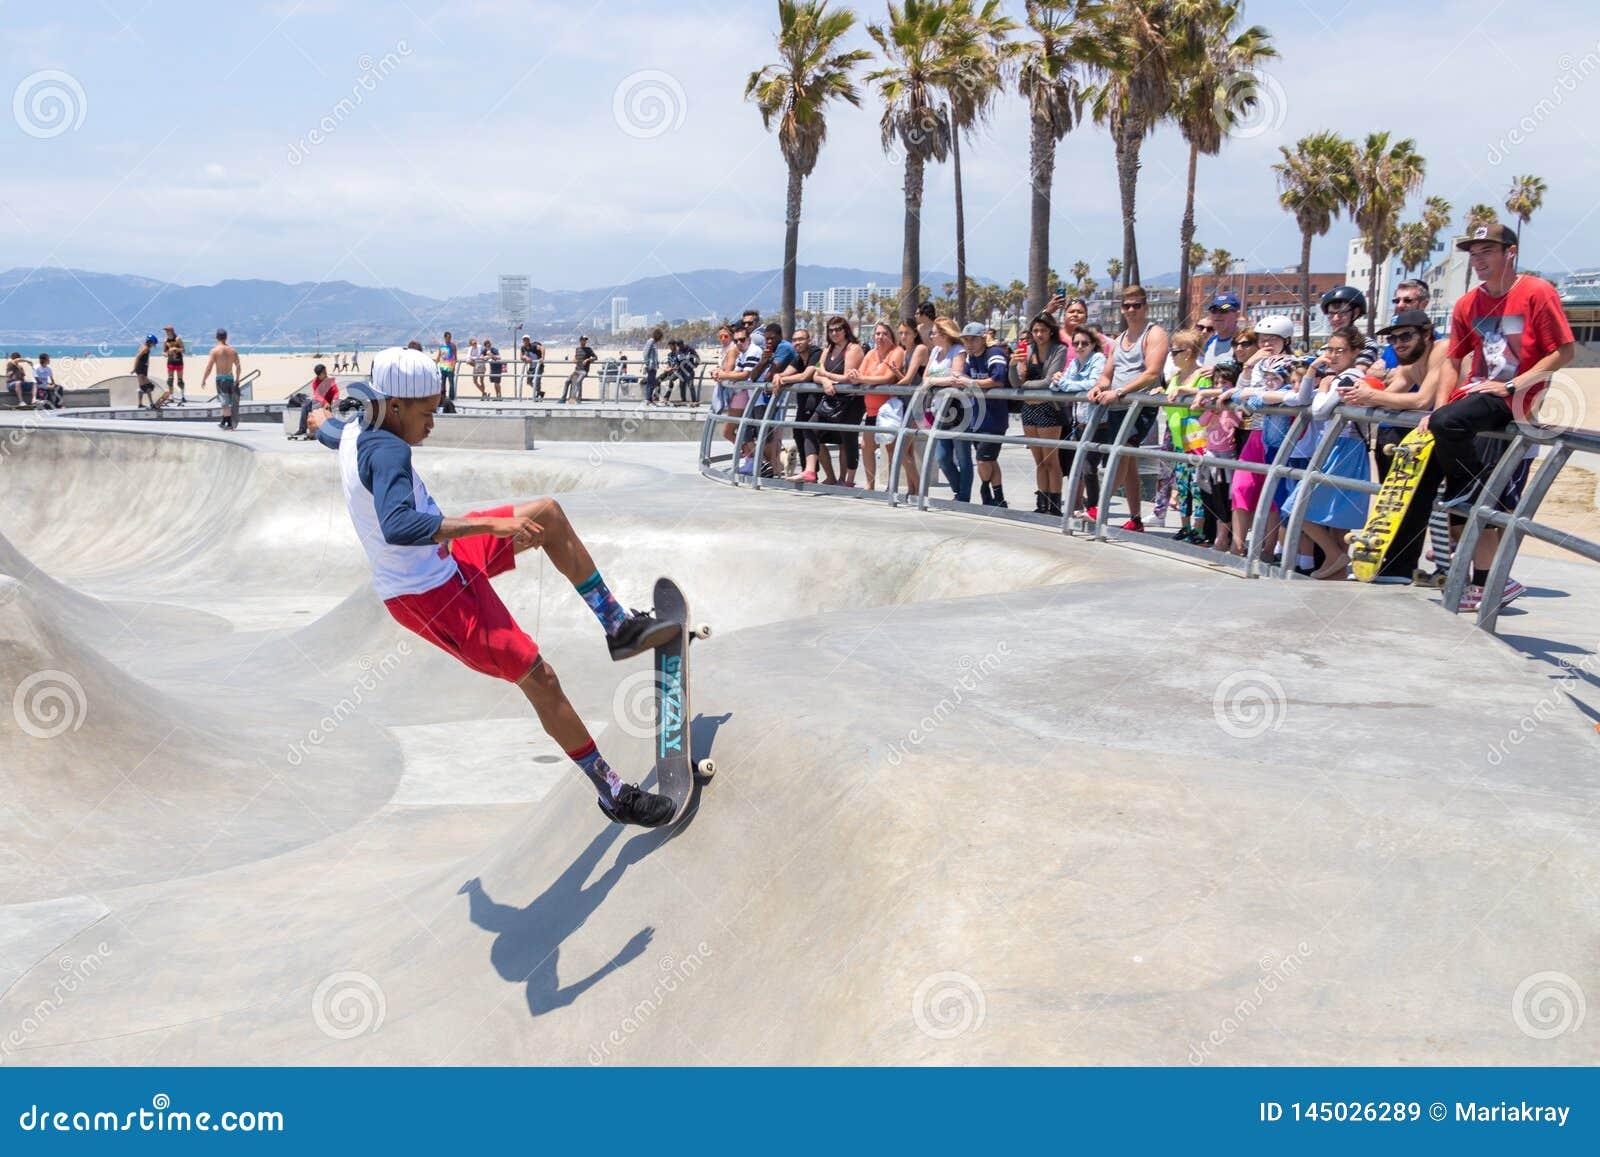 VENECIA, ESTADOS UNIDOS - 21 DE MAYO DE 2015: Oc?ano Front Walk en Venice Beach, Skatepark, California Venice Beach es uno de